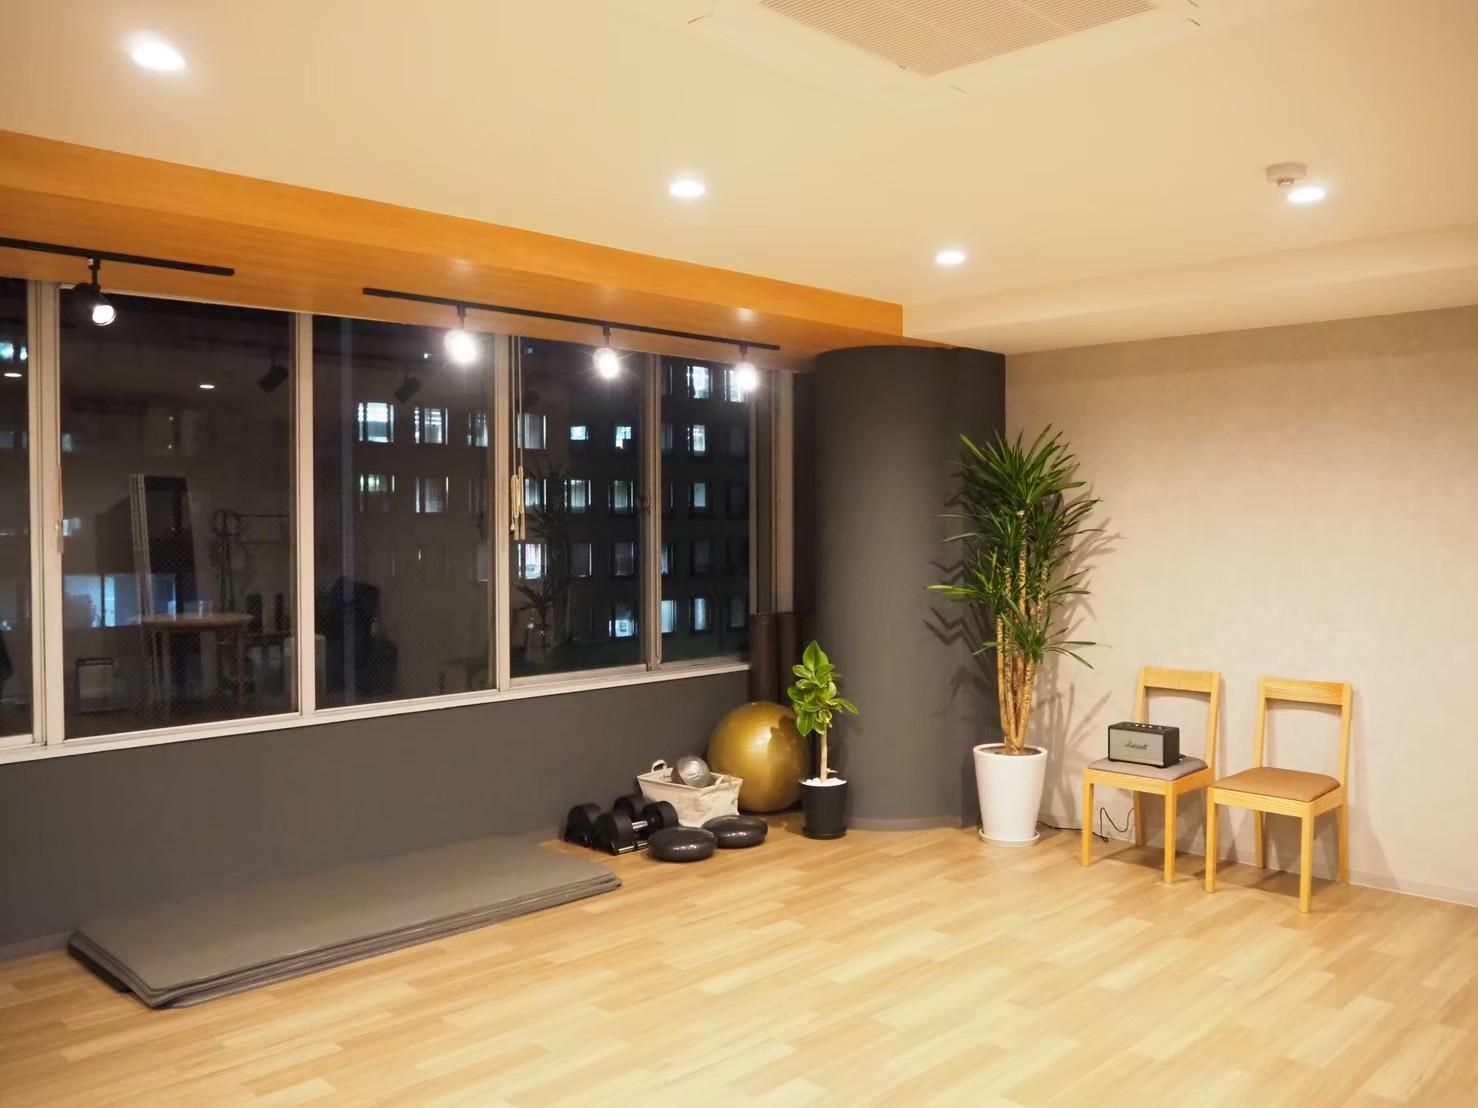 夜は、スポットライトを着けたり調光(オレンジ色)もできます。 - トレーニングスタジオクラウン レンタルスタジオの室内の写真